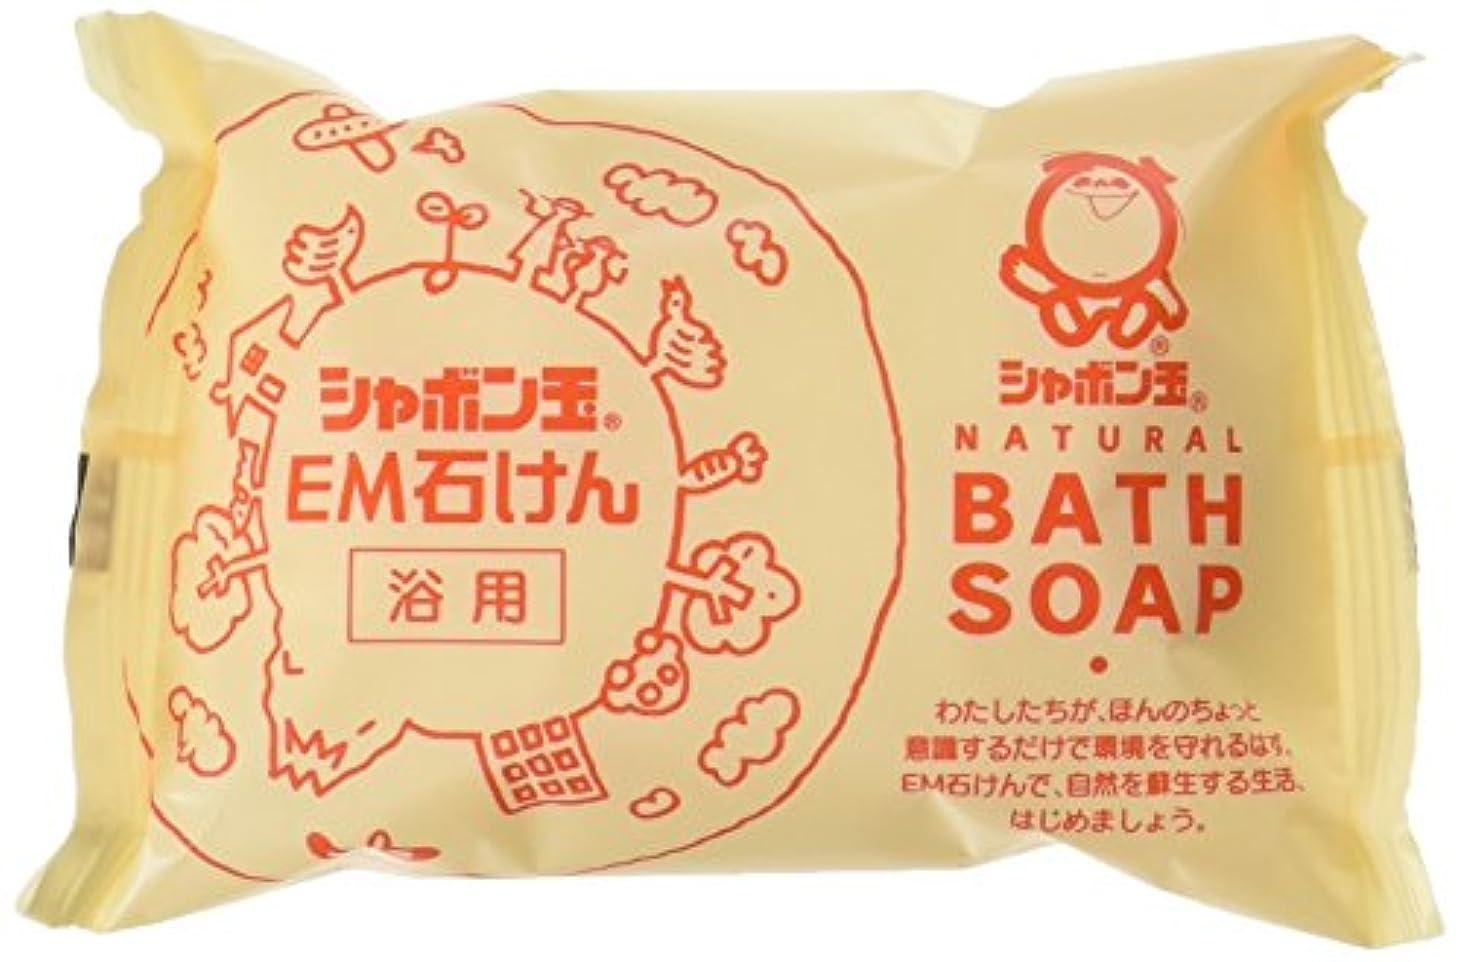 選択するいわゆる生産性シャボン玉EM化粧石けん(浴用)100g (10個セット)